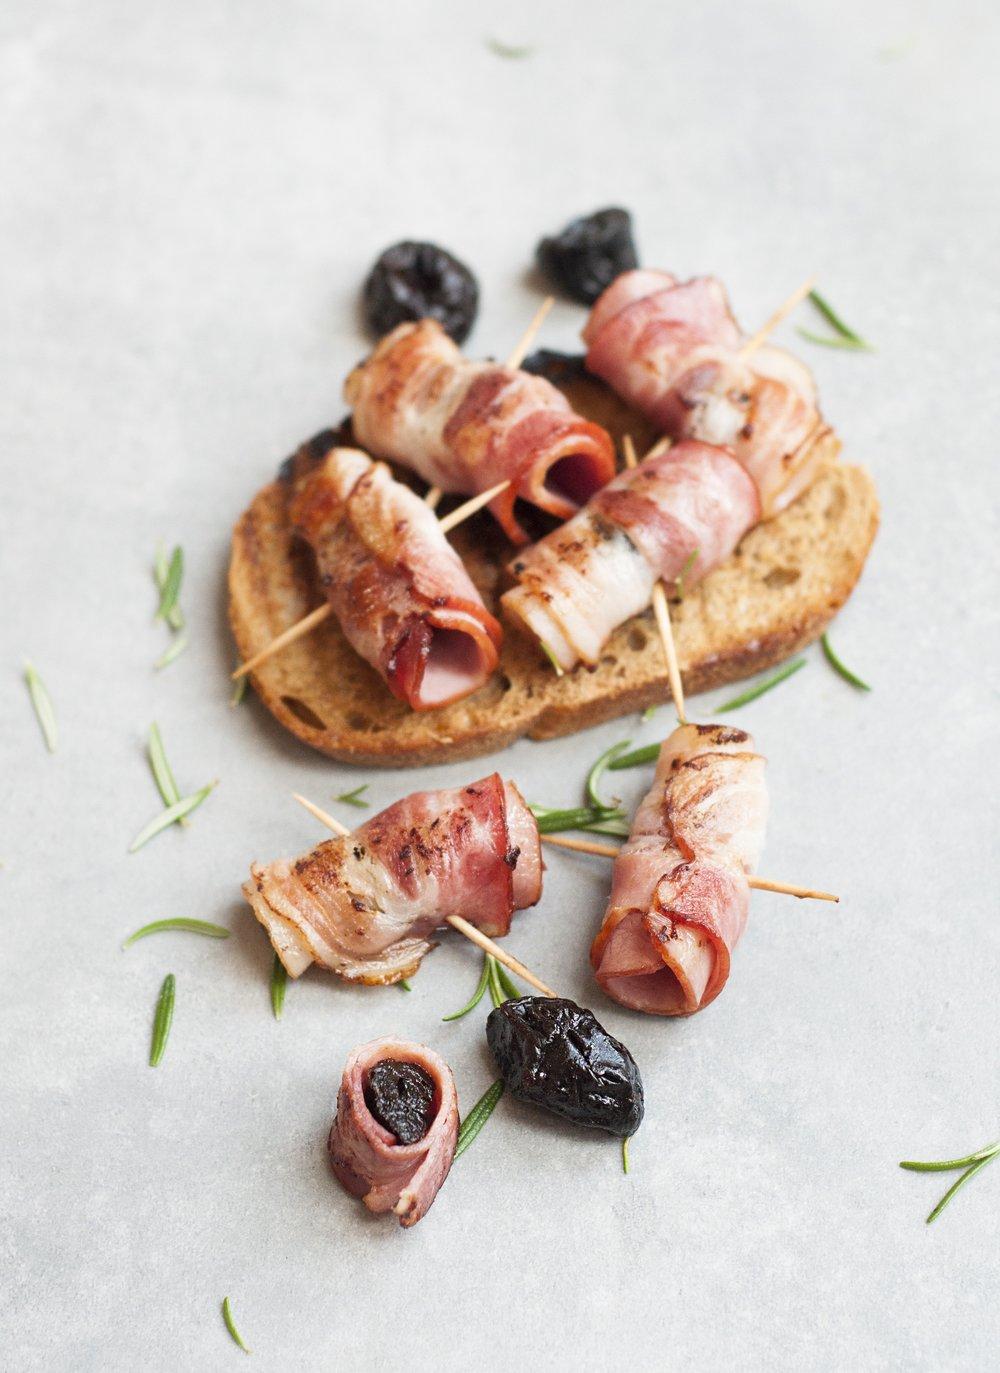 appetizer-bacon-bread-434283.jpg